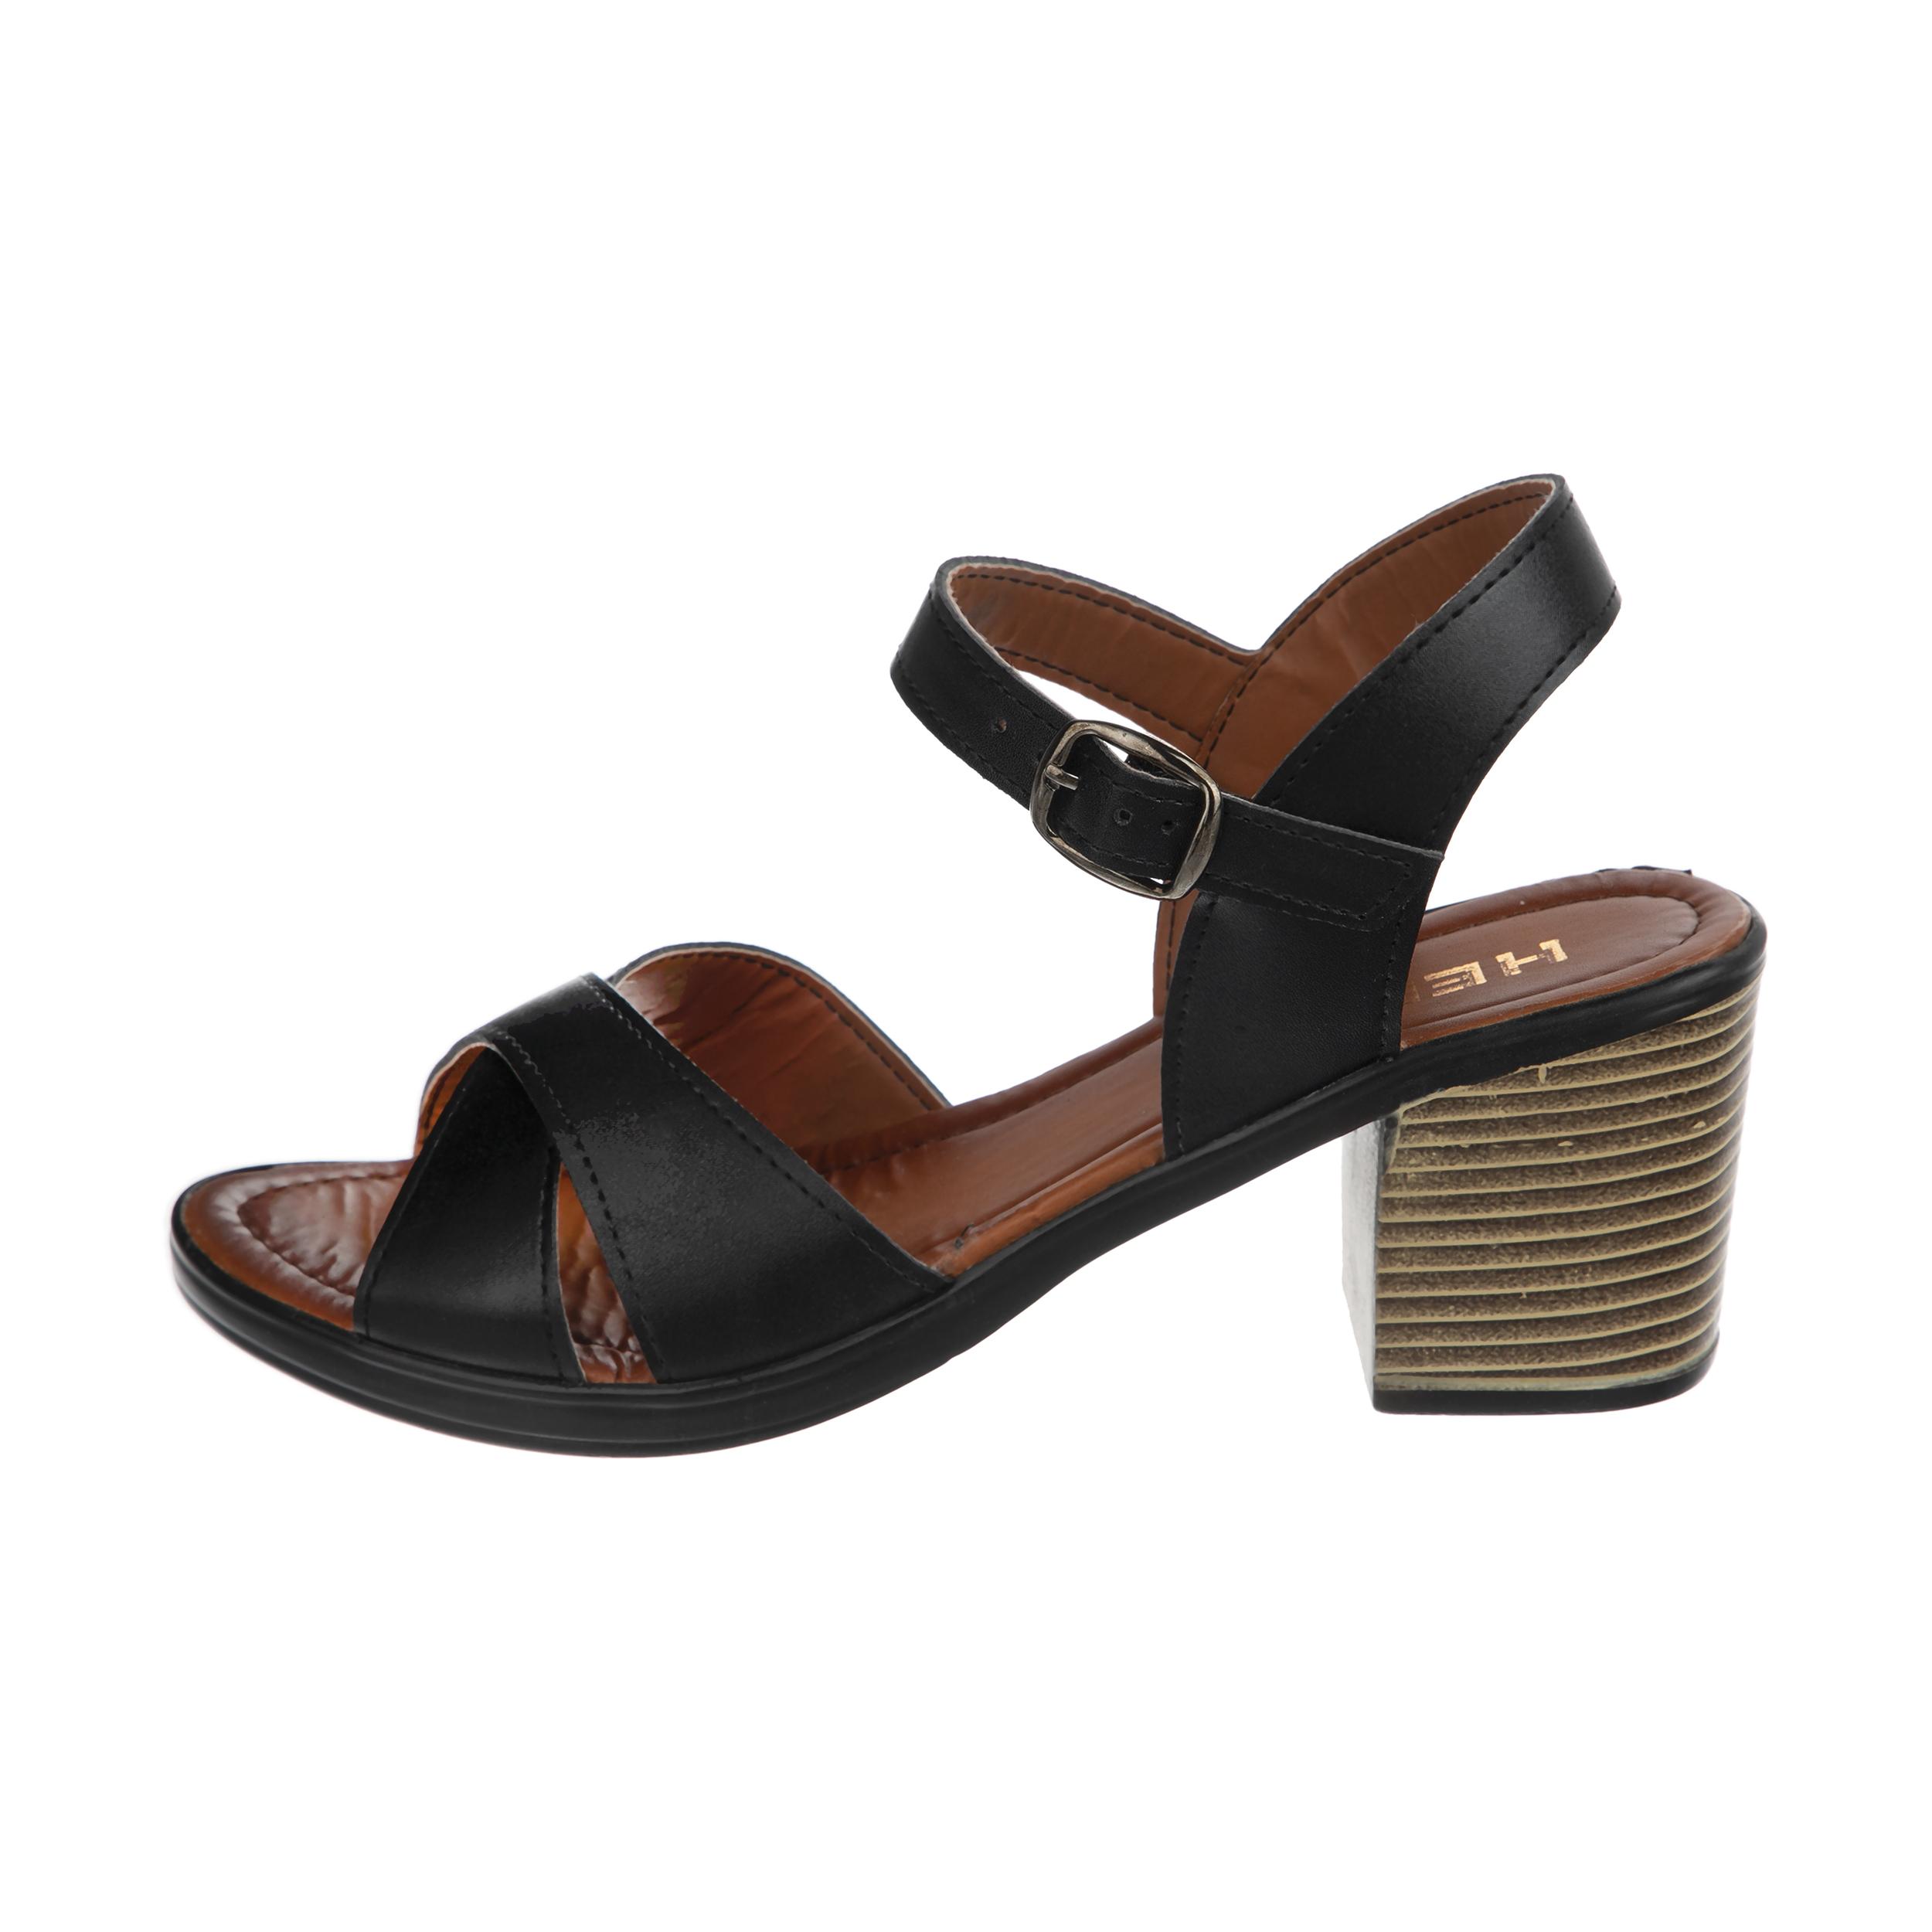 کفش زنانه هدیه مدل نگار کد 1001